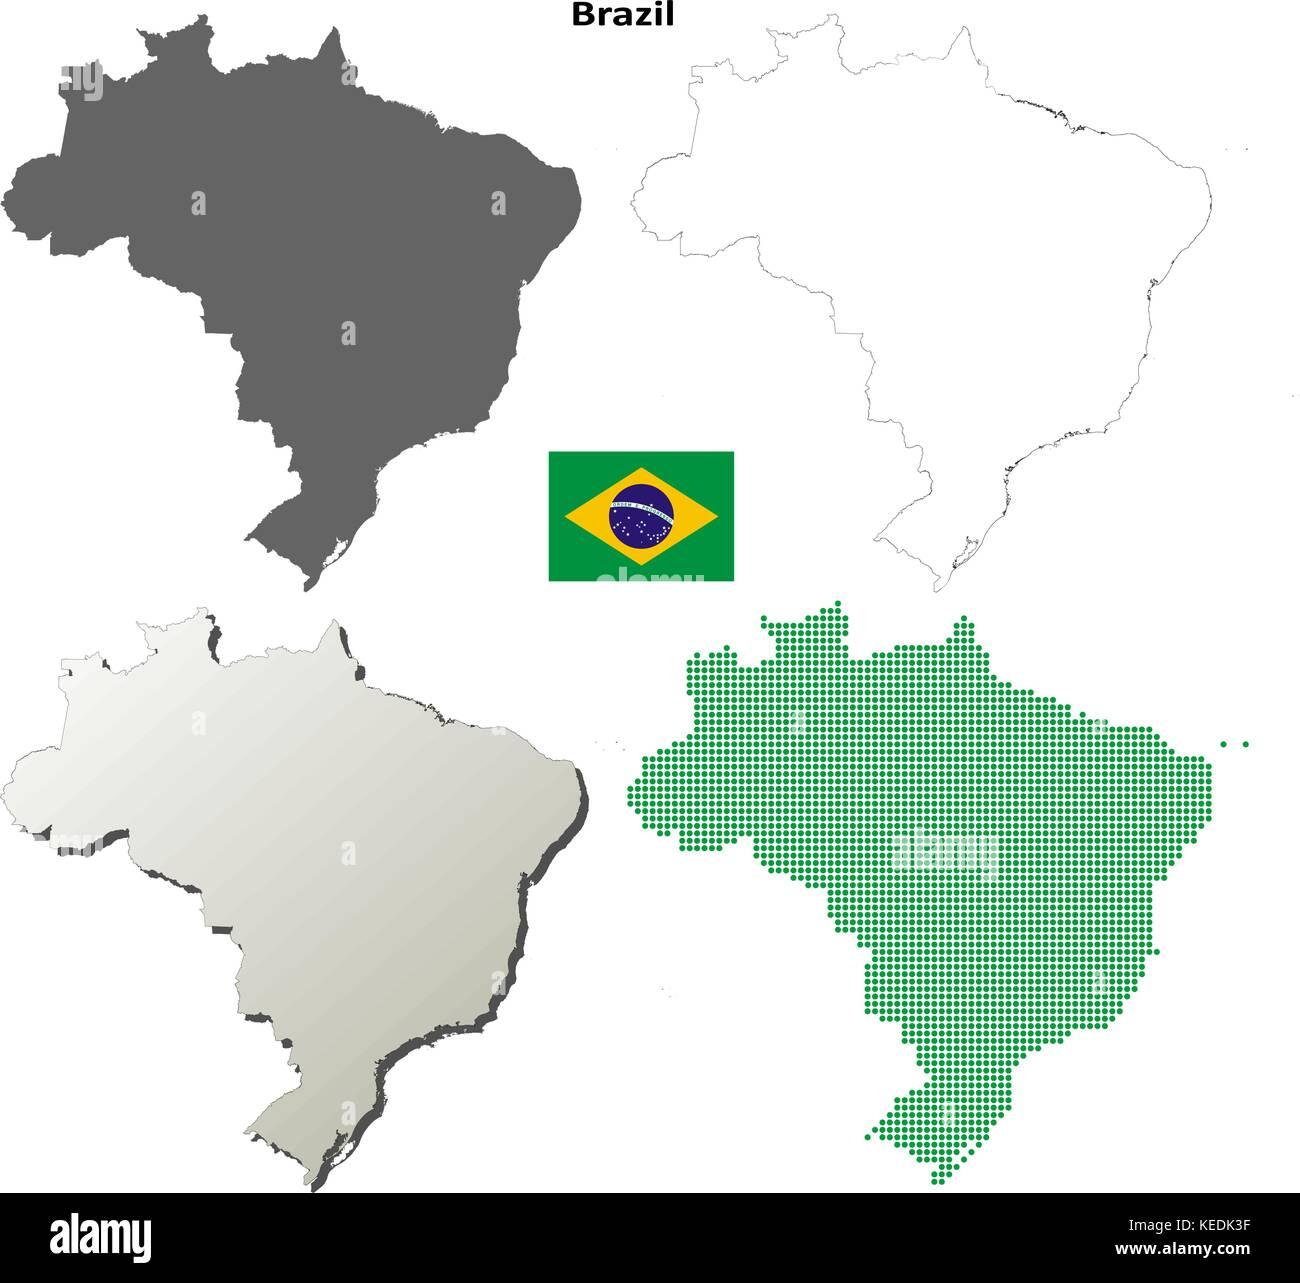 Brazil Outline Map Set Stock Vector Art Illustration Vector Image